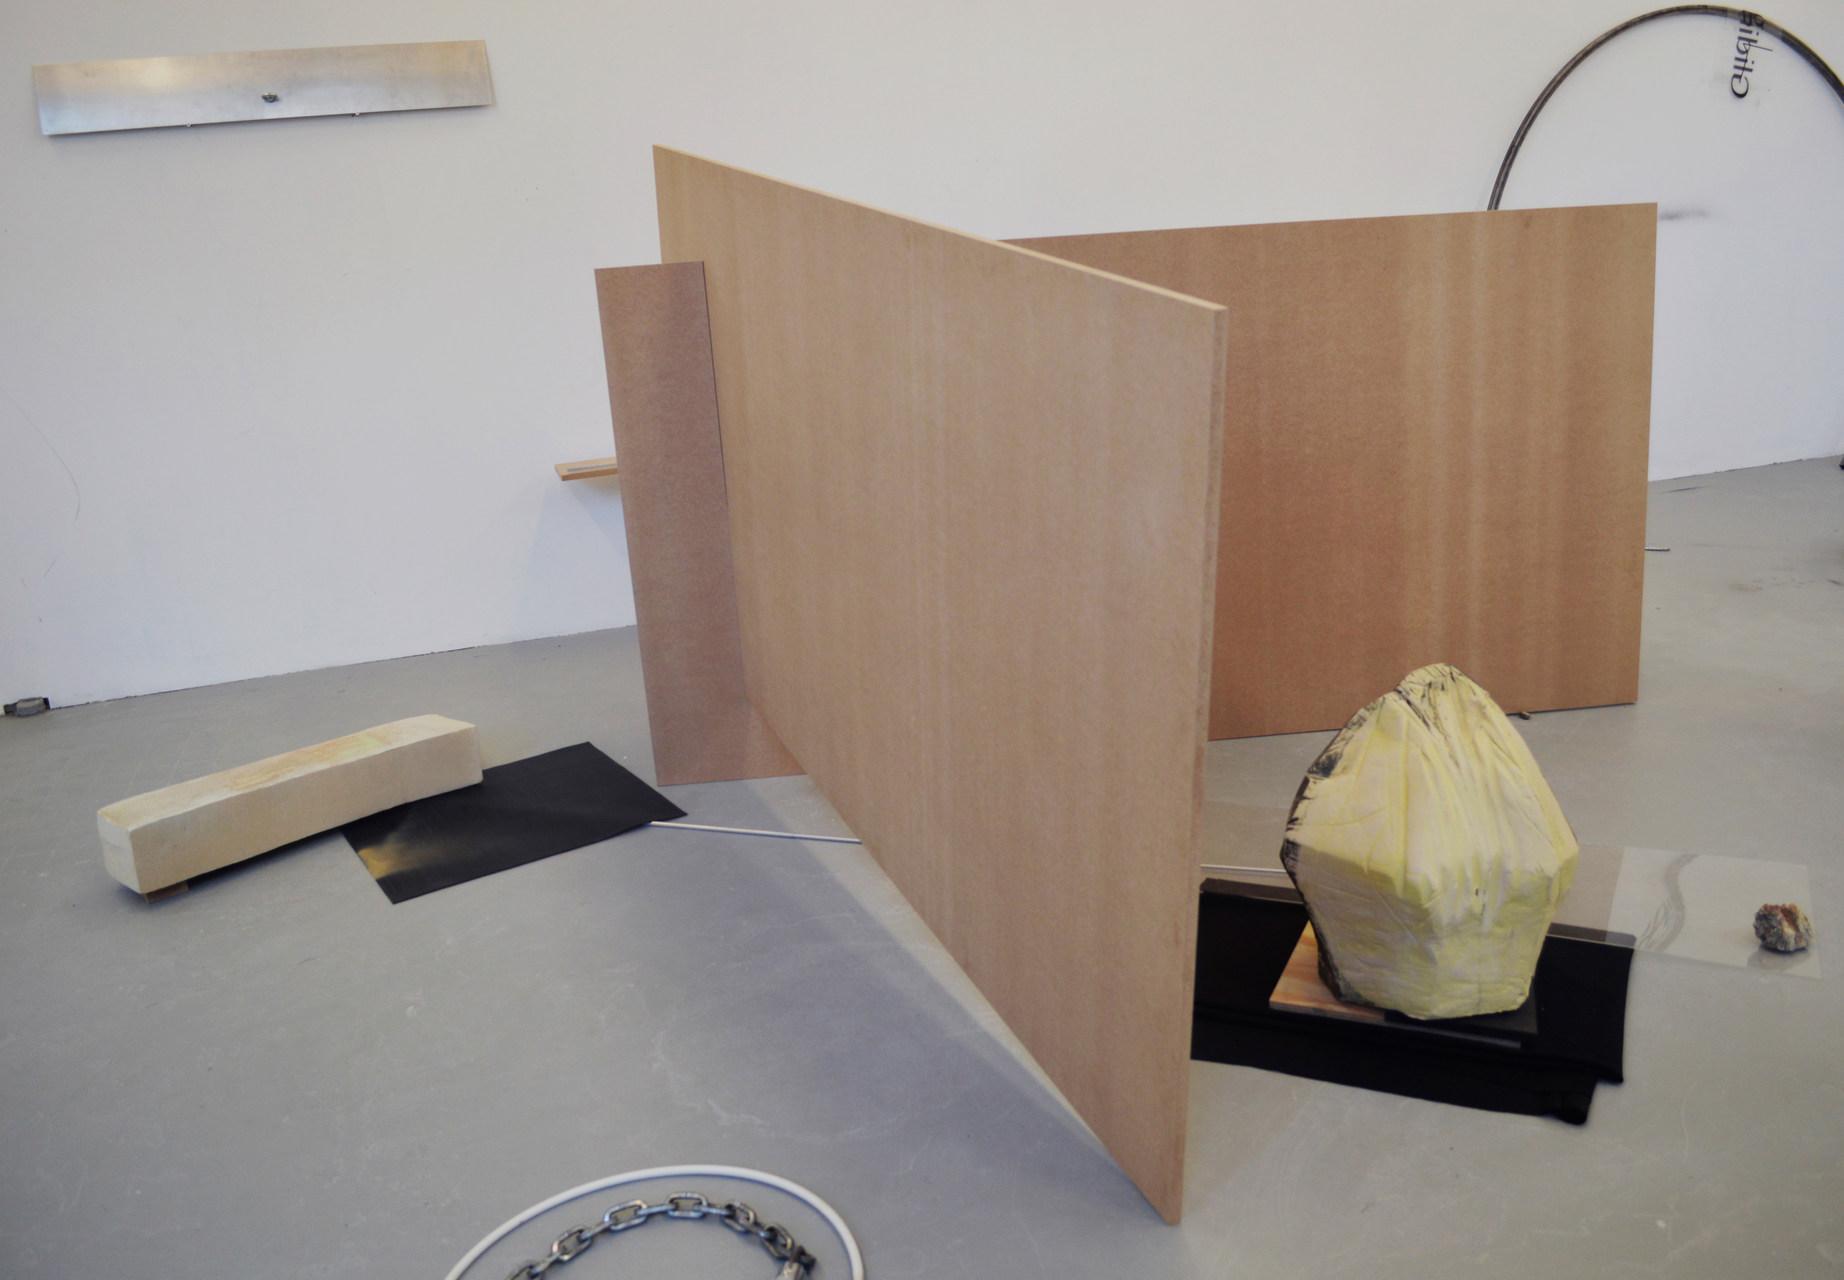 Ruta Butkute - studio visit at Rijksakademie